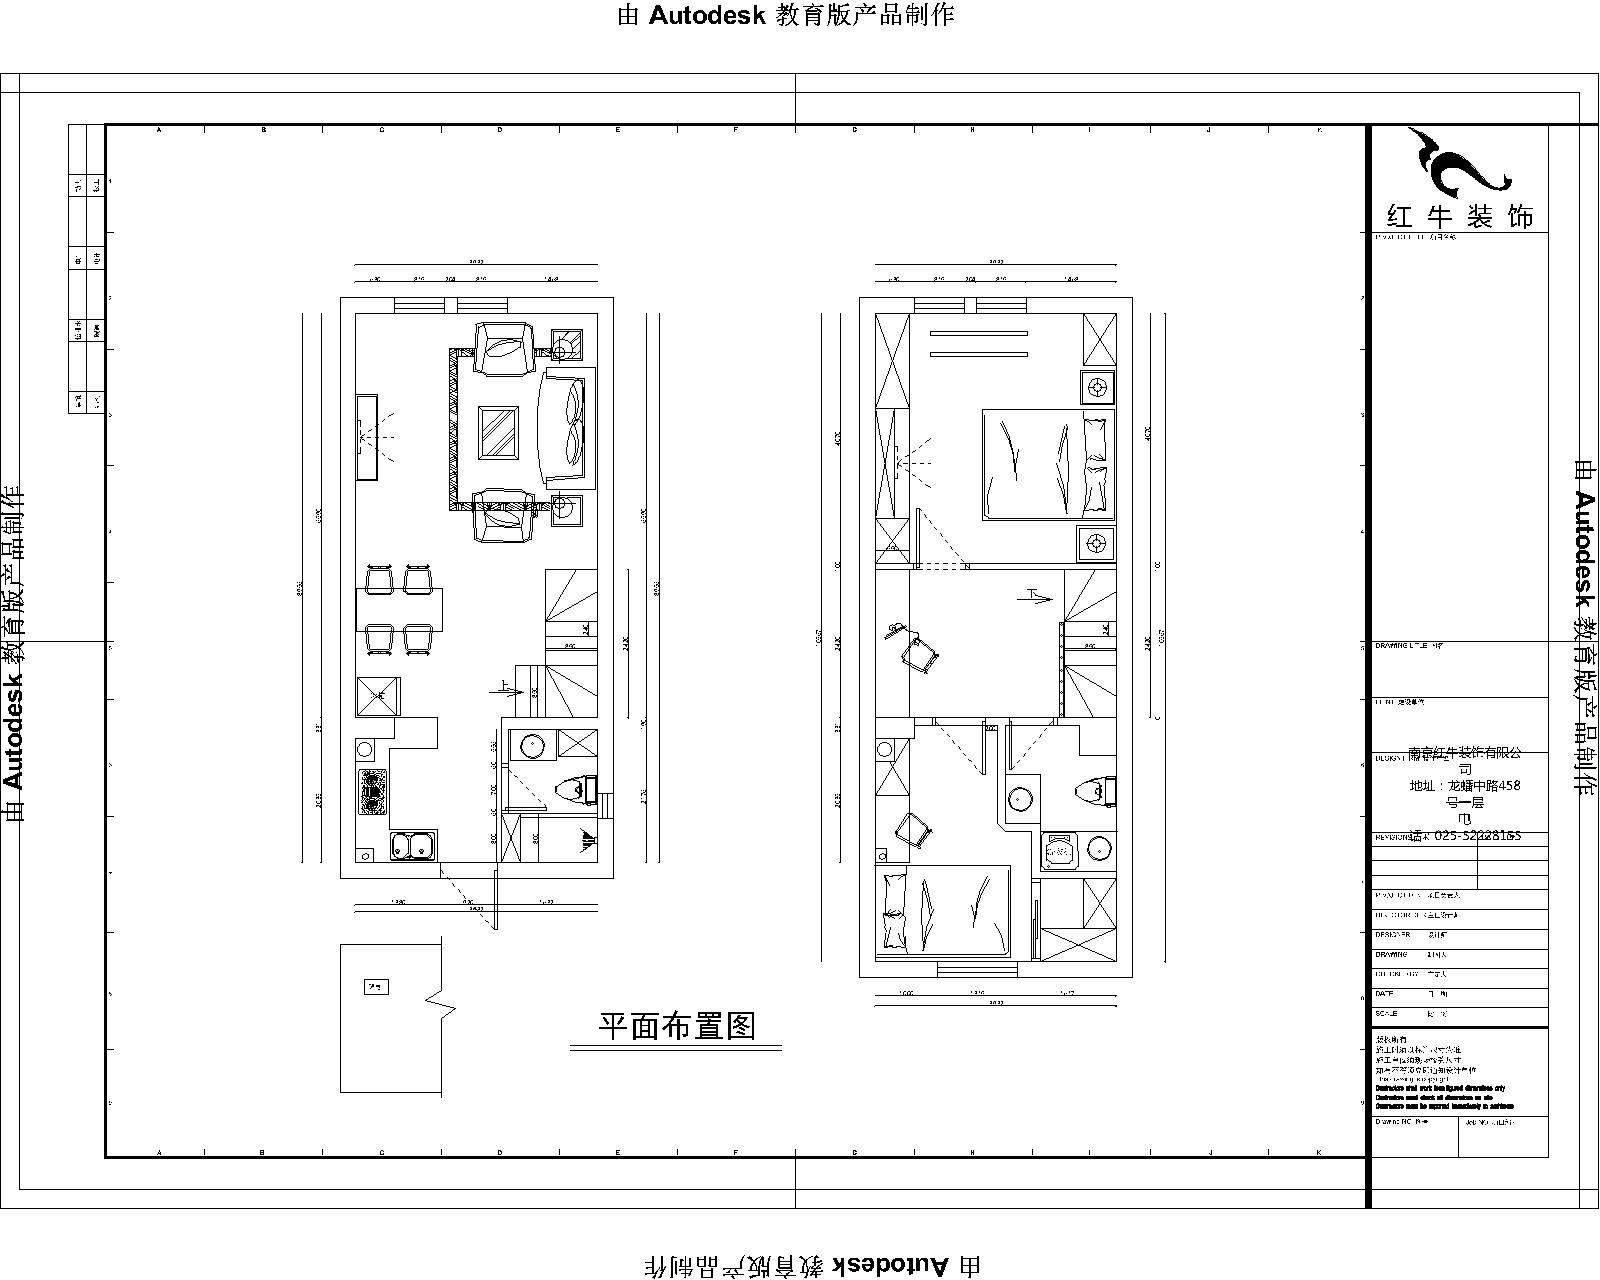 御水湾花园63-1-504平面布置图